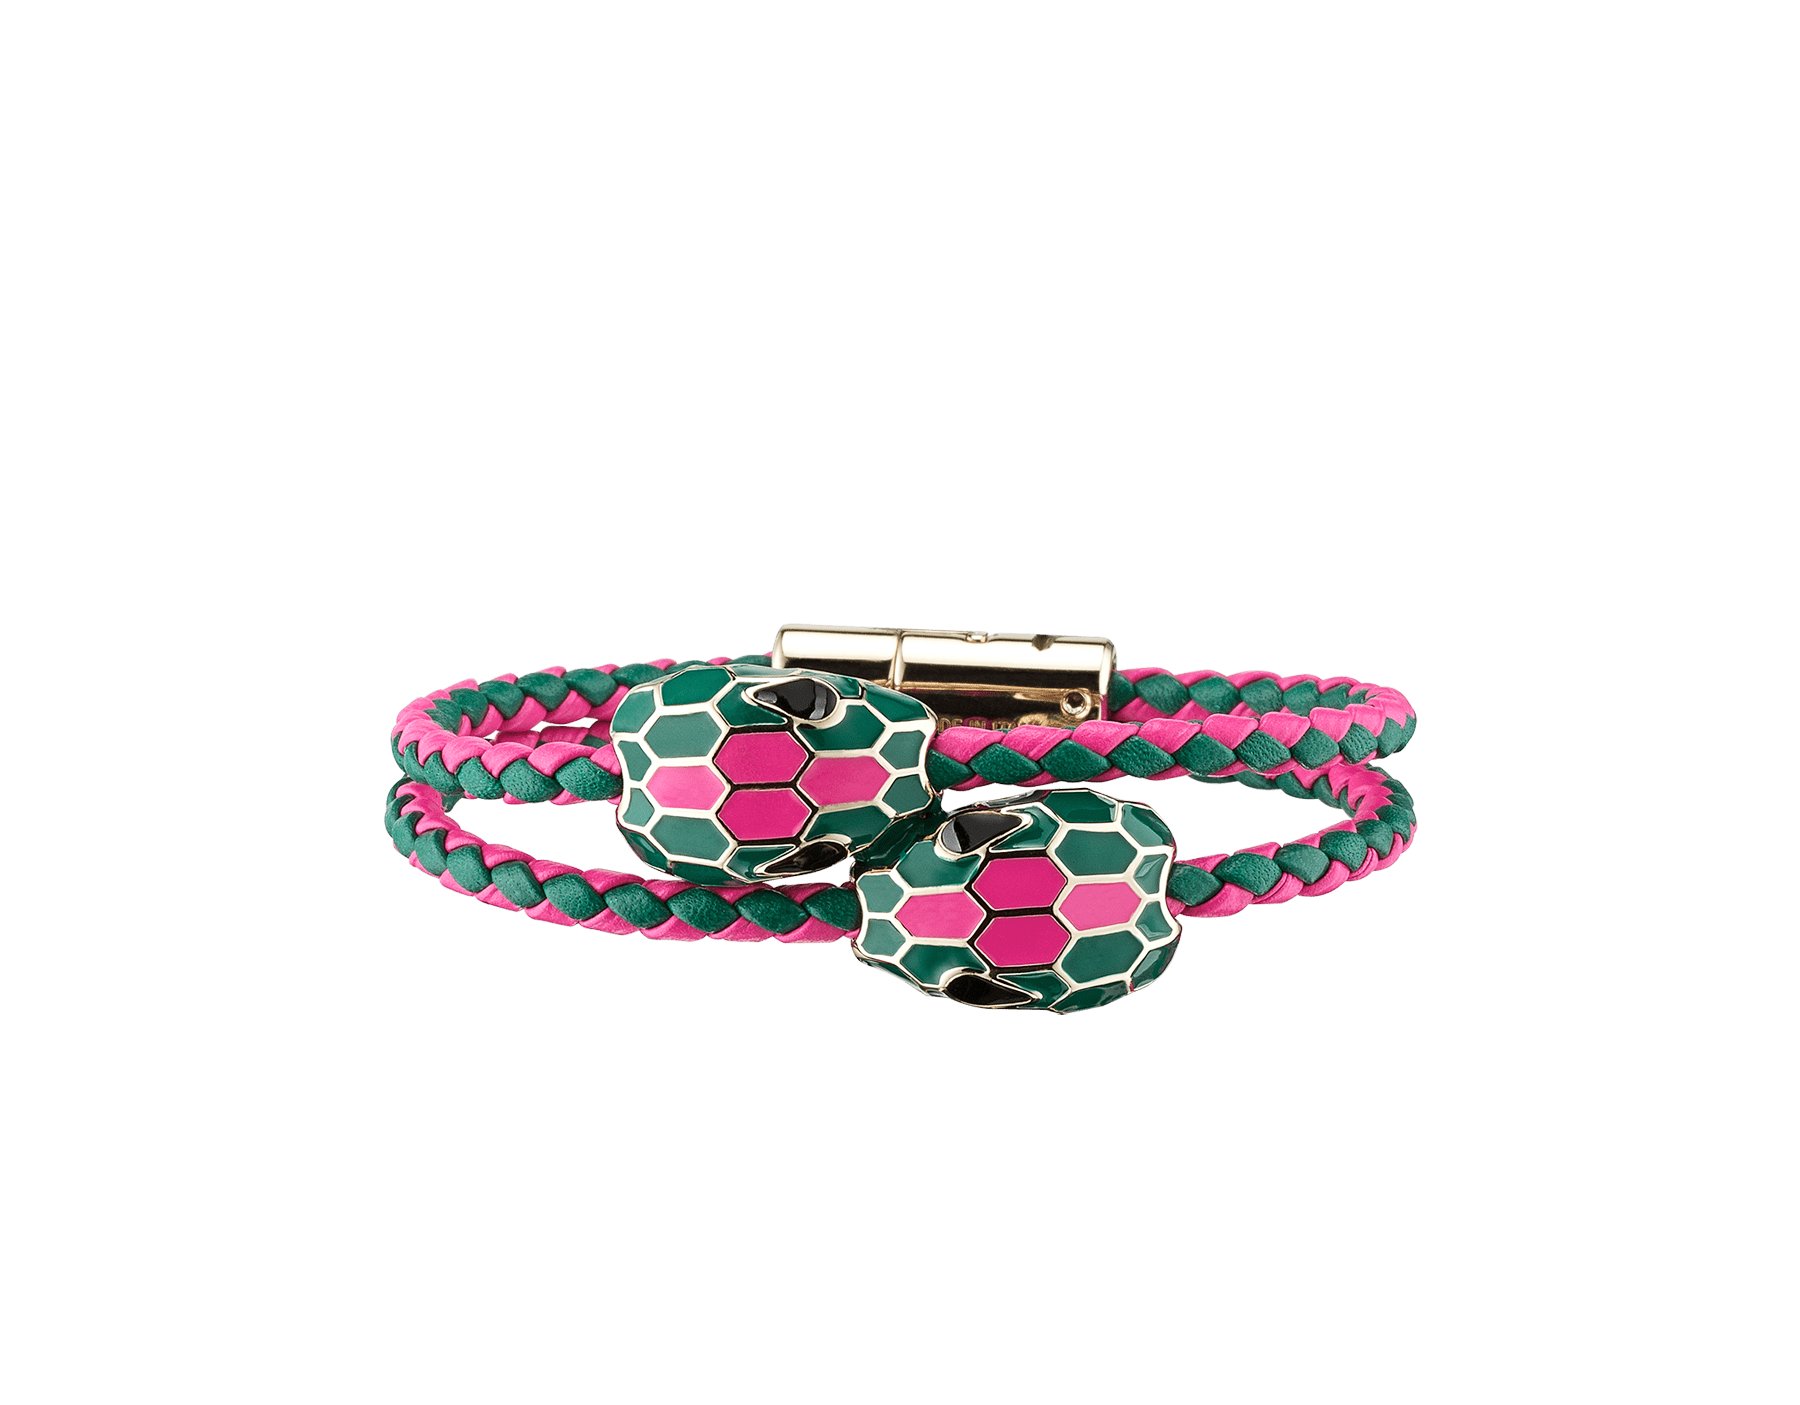 Bracelet tressé double Serpenti Forever en cuir de veau tressé couleur Flash Amethyst et vert émeraude avec double motif Serpenti en émail couleur vert émeraude et Flash Amethyst. 289259 image 1